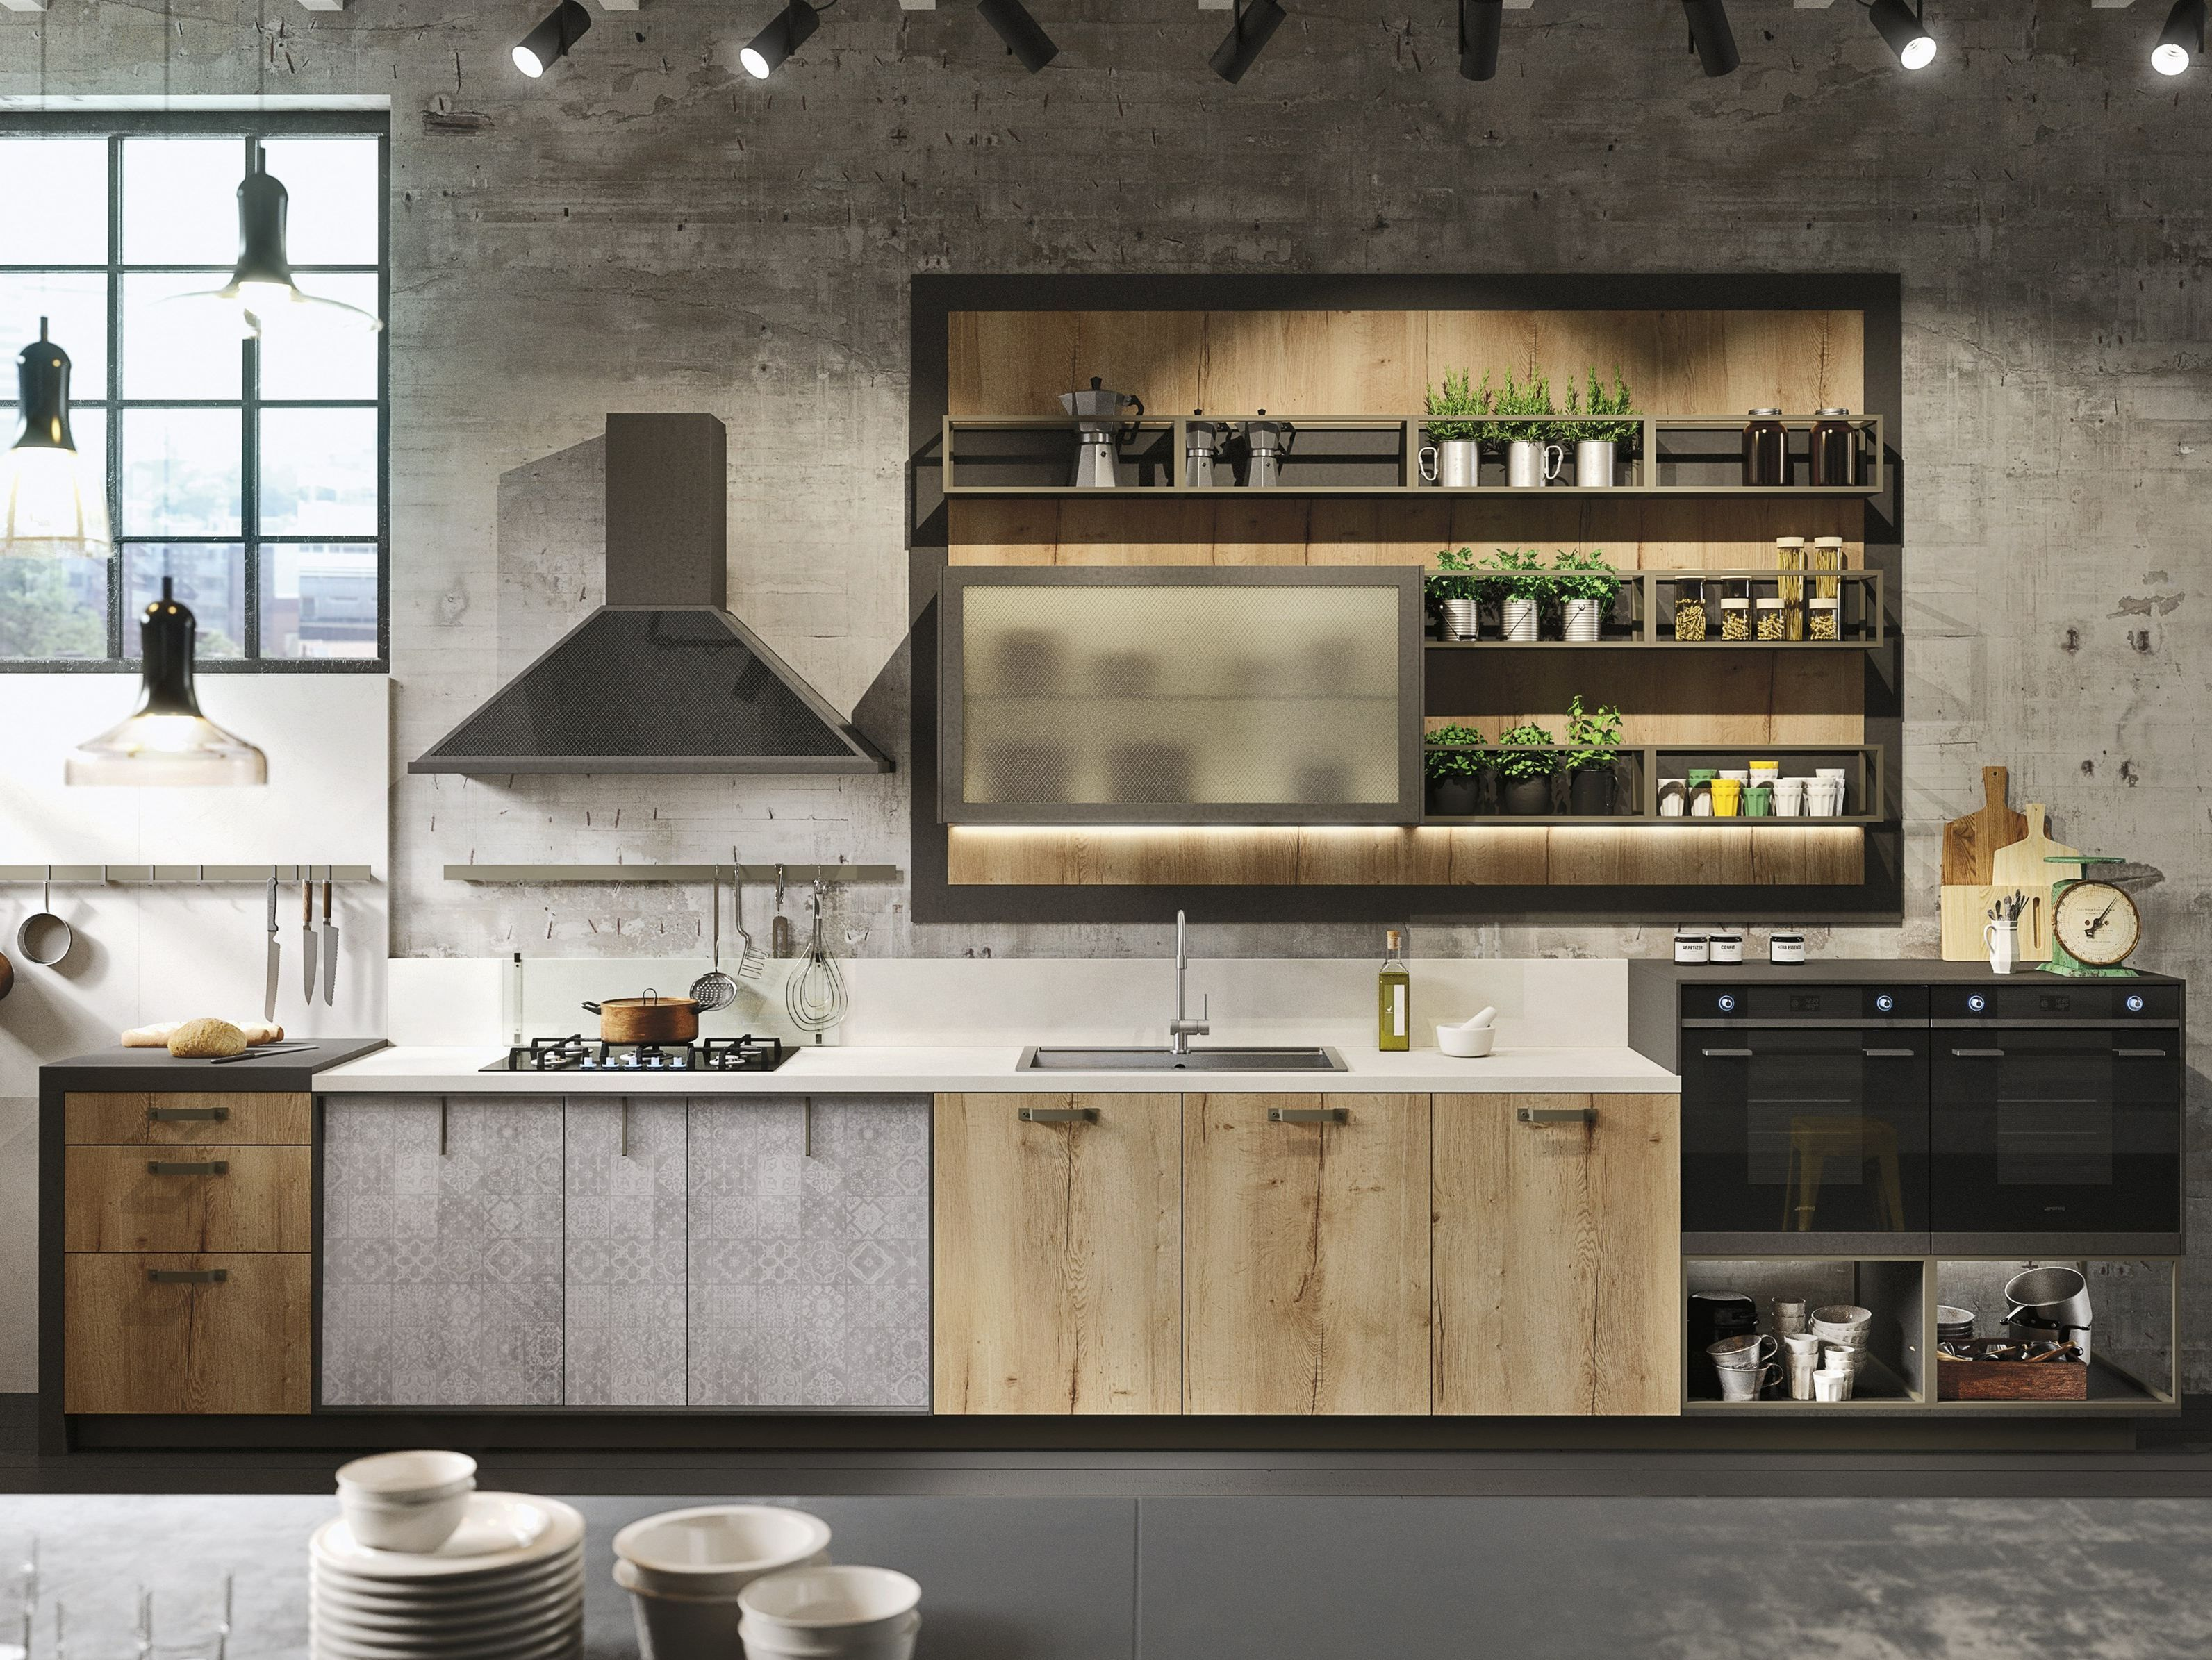 LOFT Кухонный гарнитур by Snaidero дизайн Michele Marcon | Earthly ...